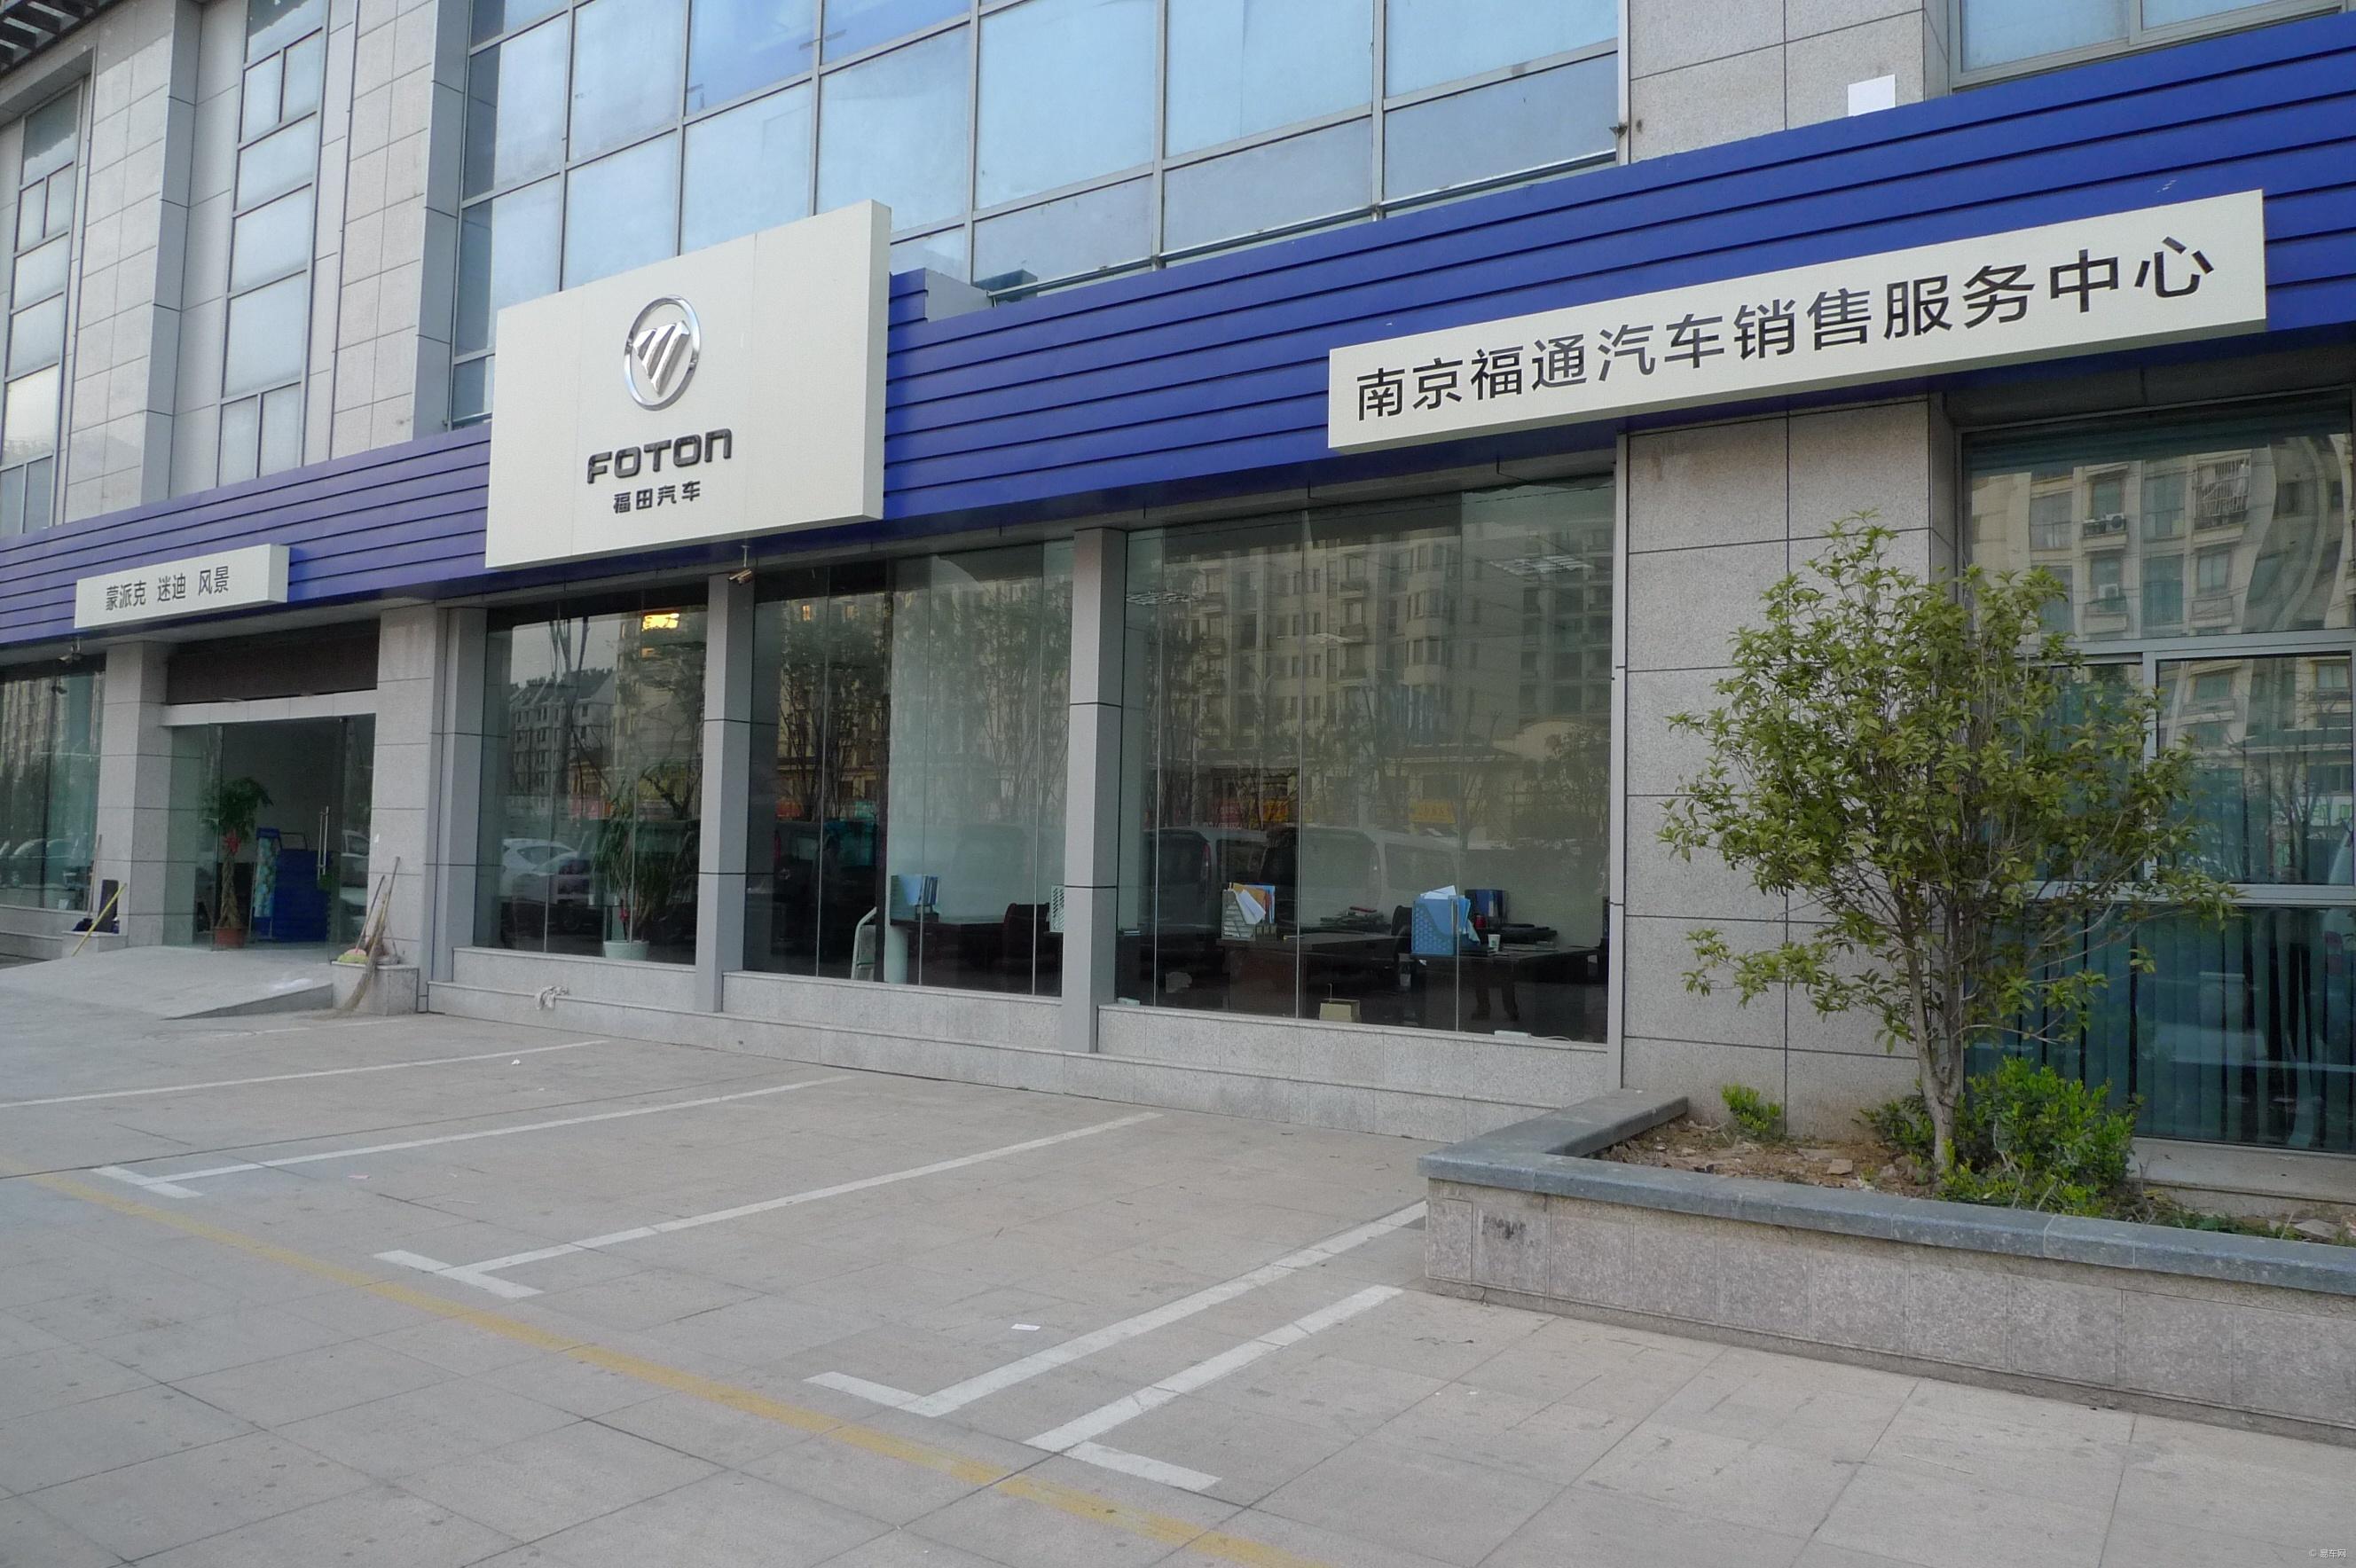 福田汽车蒙派克 风景专营店迁址特惠